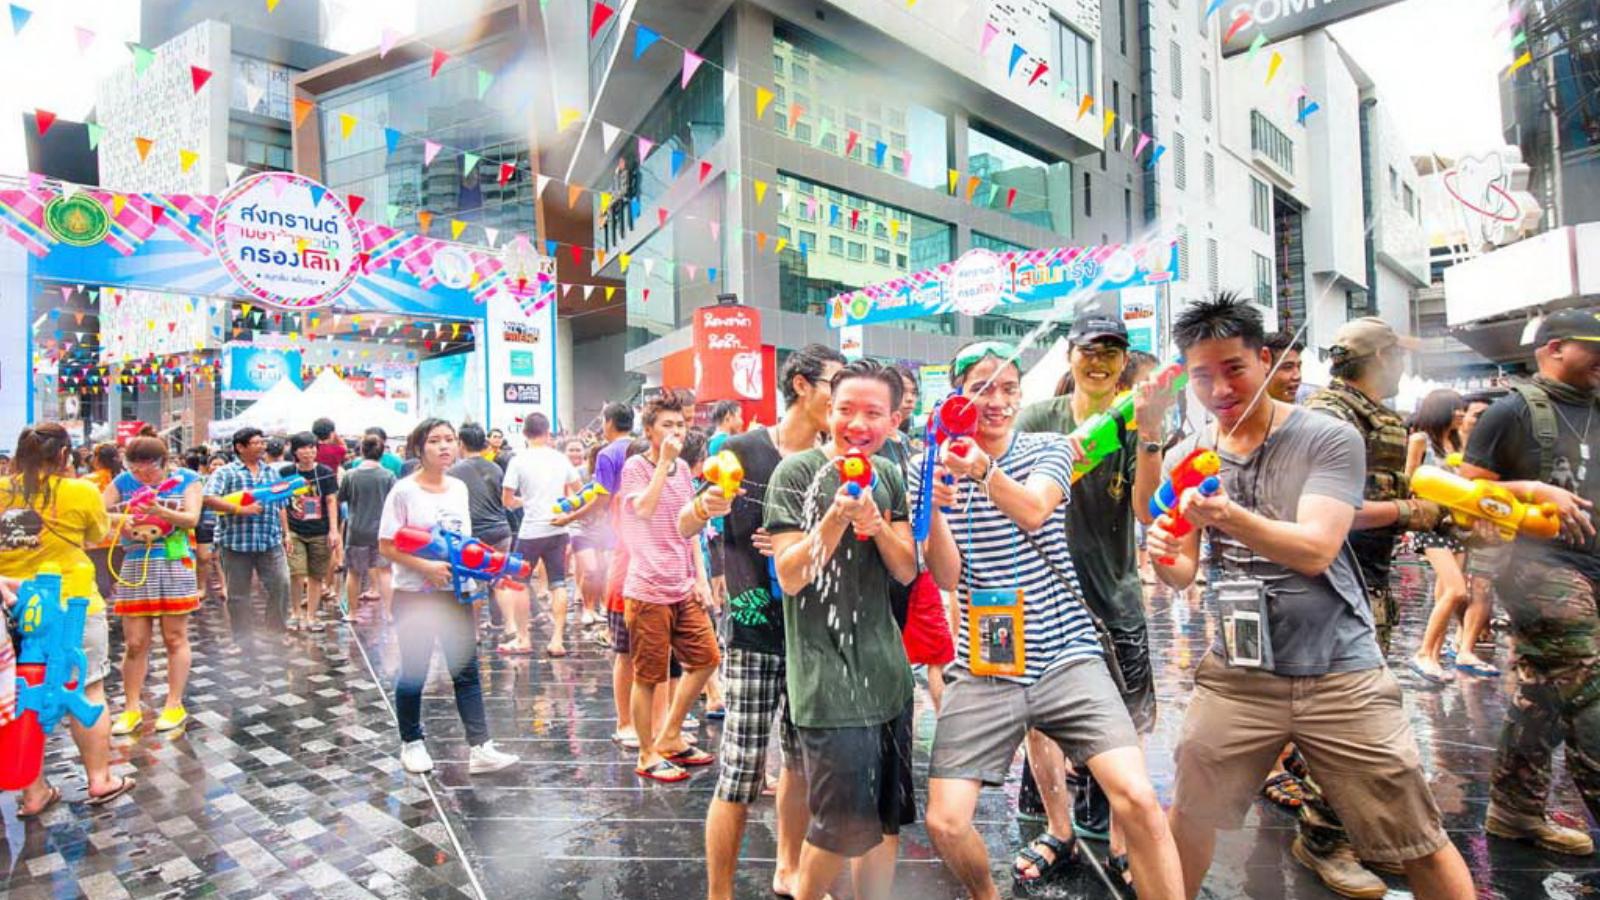 Lễ hội Songkran, Thái Lan